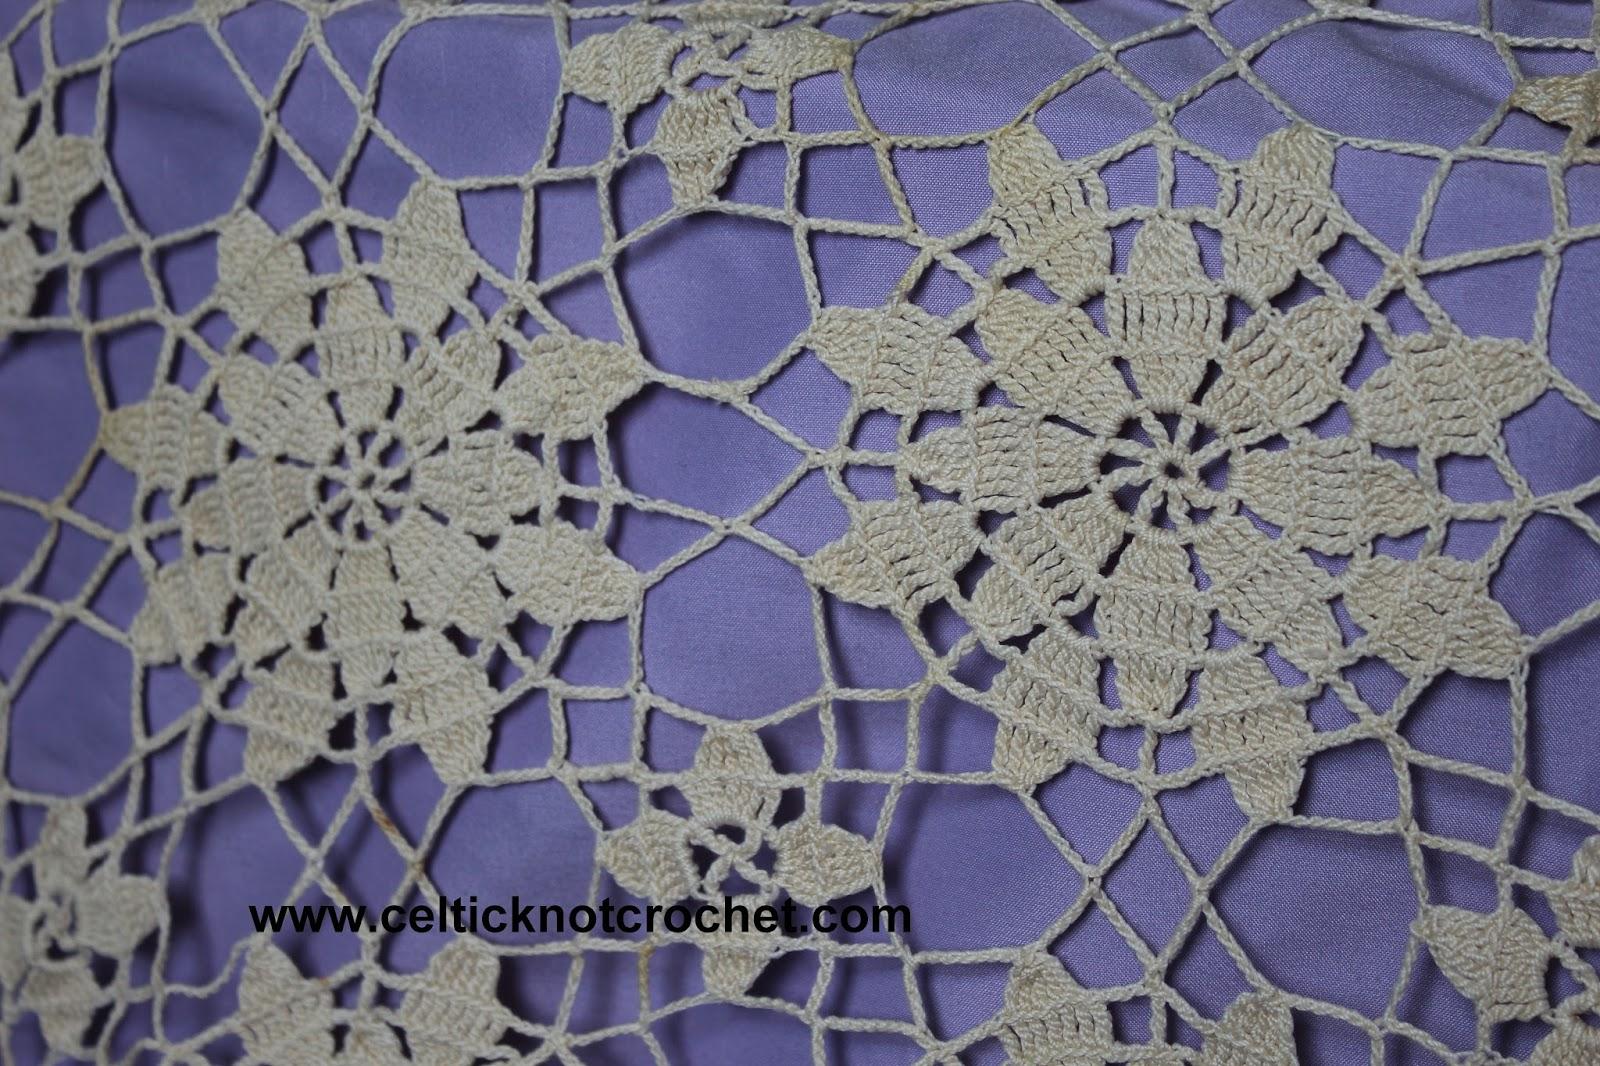 Crochetville Designer Blog Tour Celtic Knot Crochet